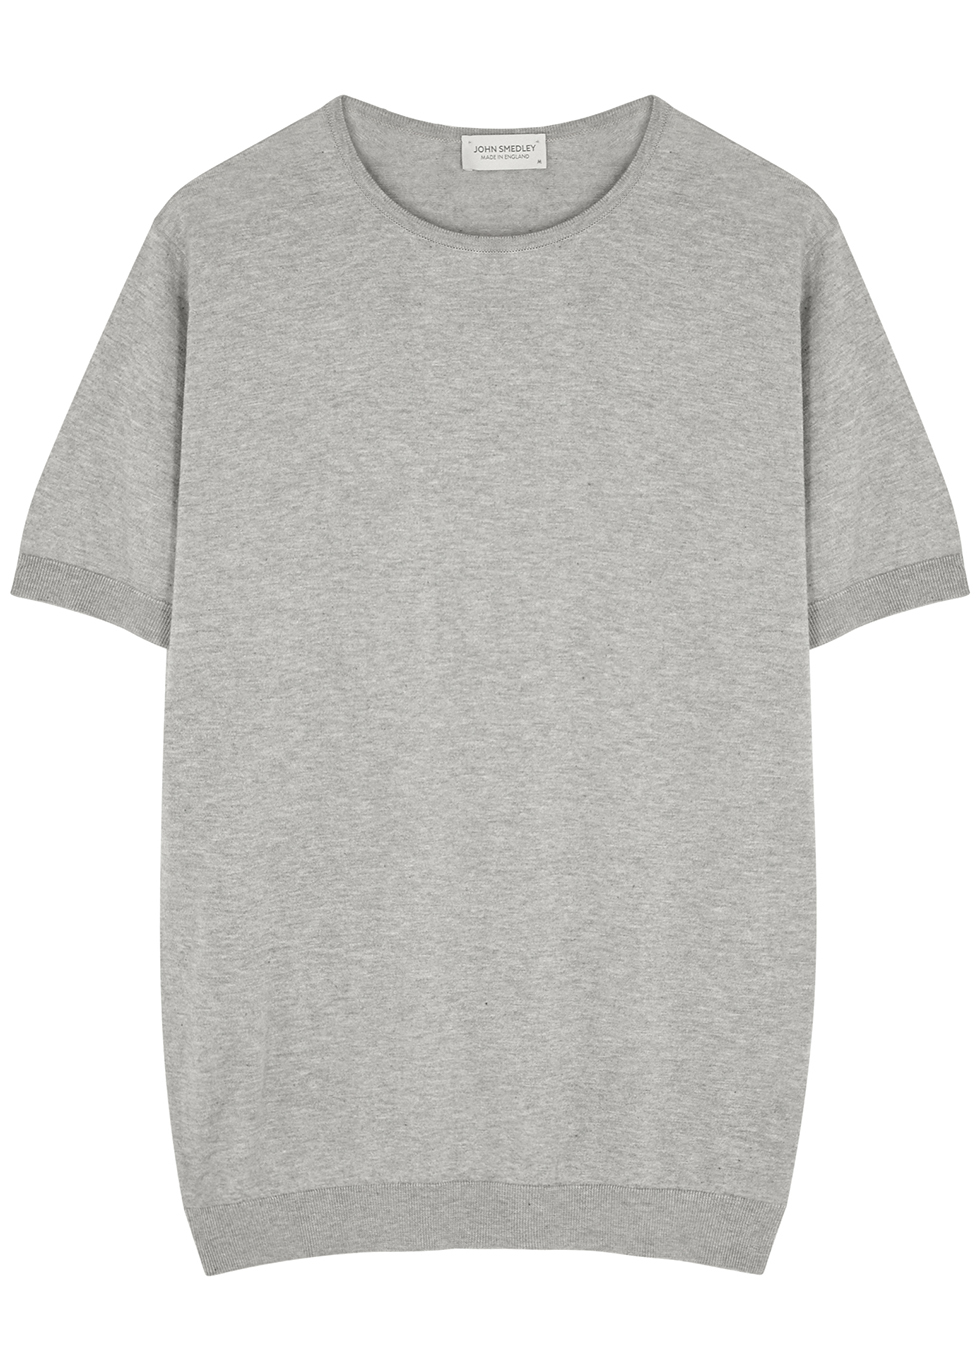 Belden grey knitted cotton T-shirt